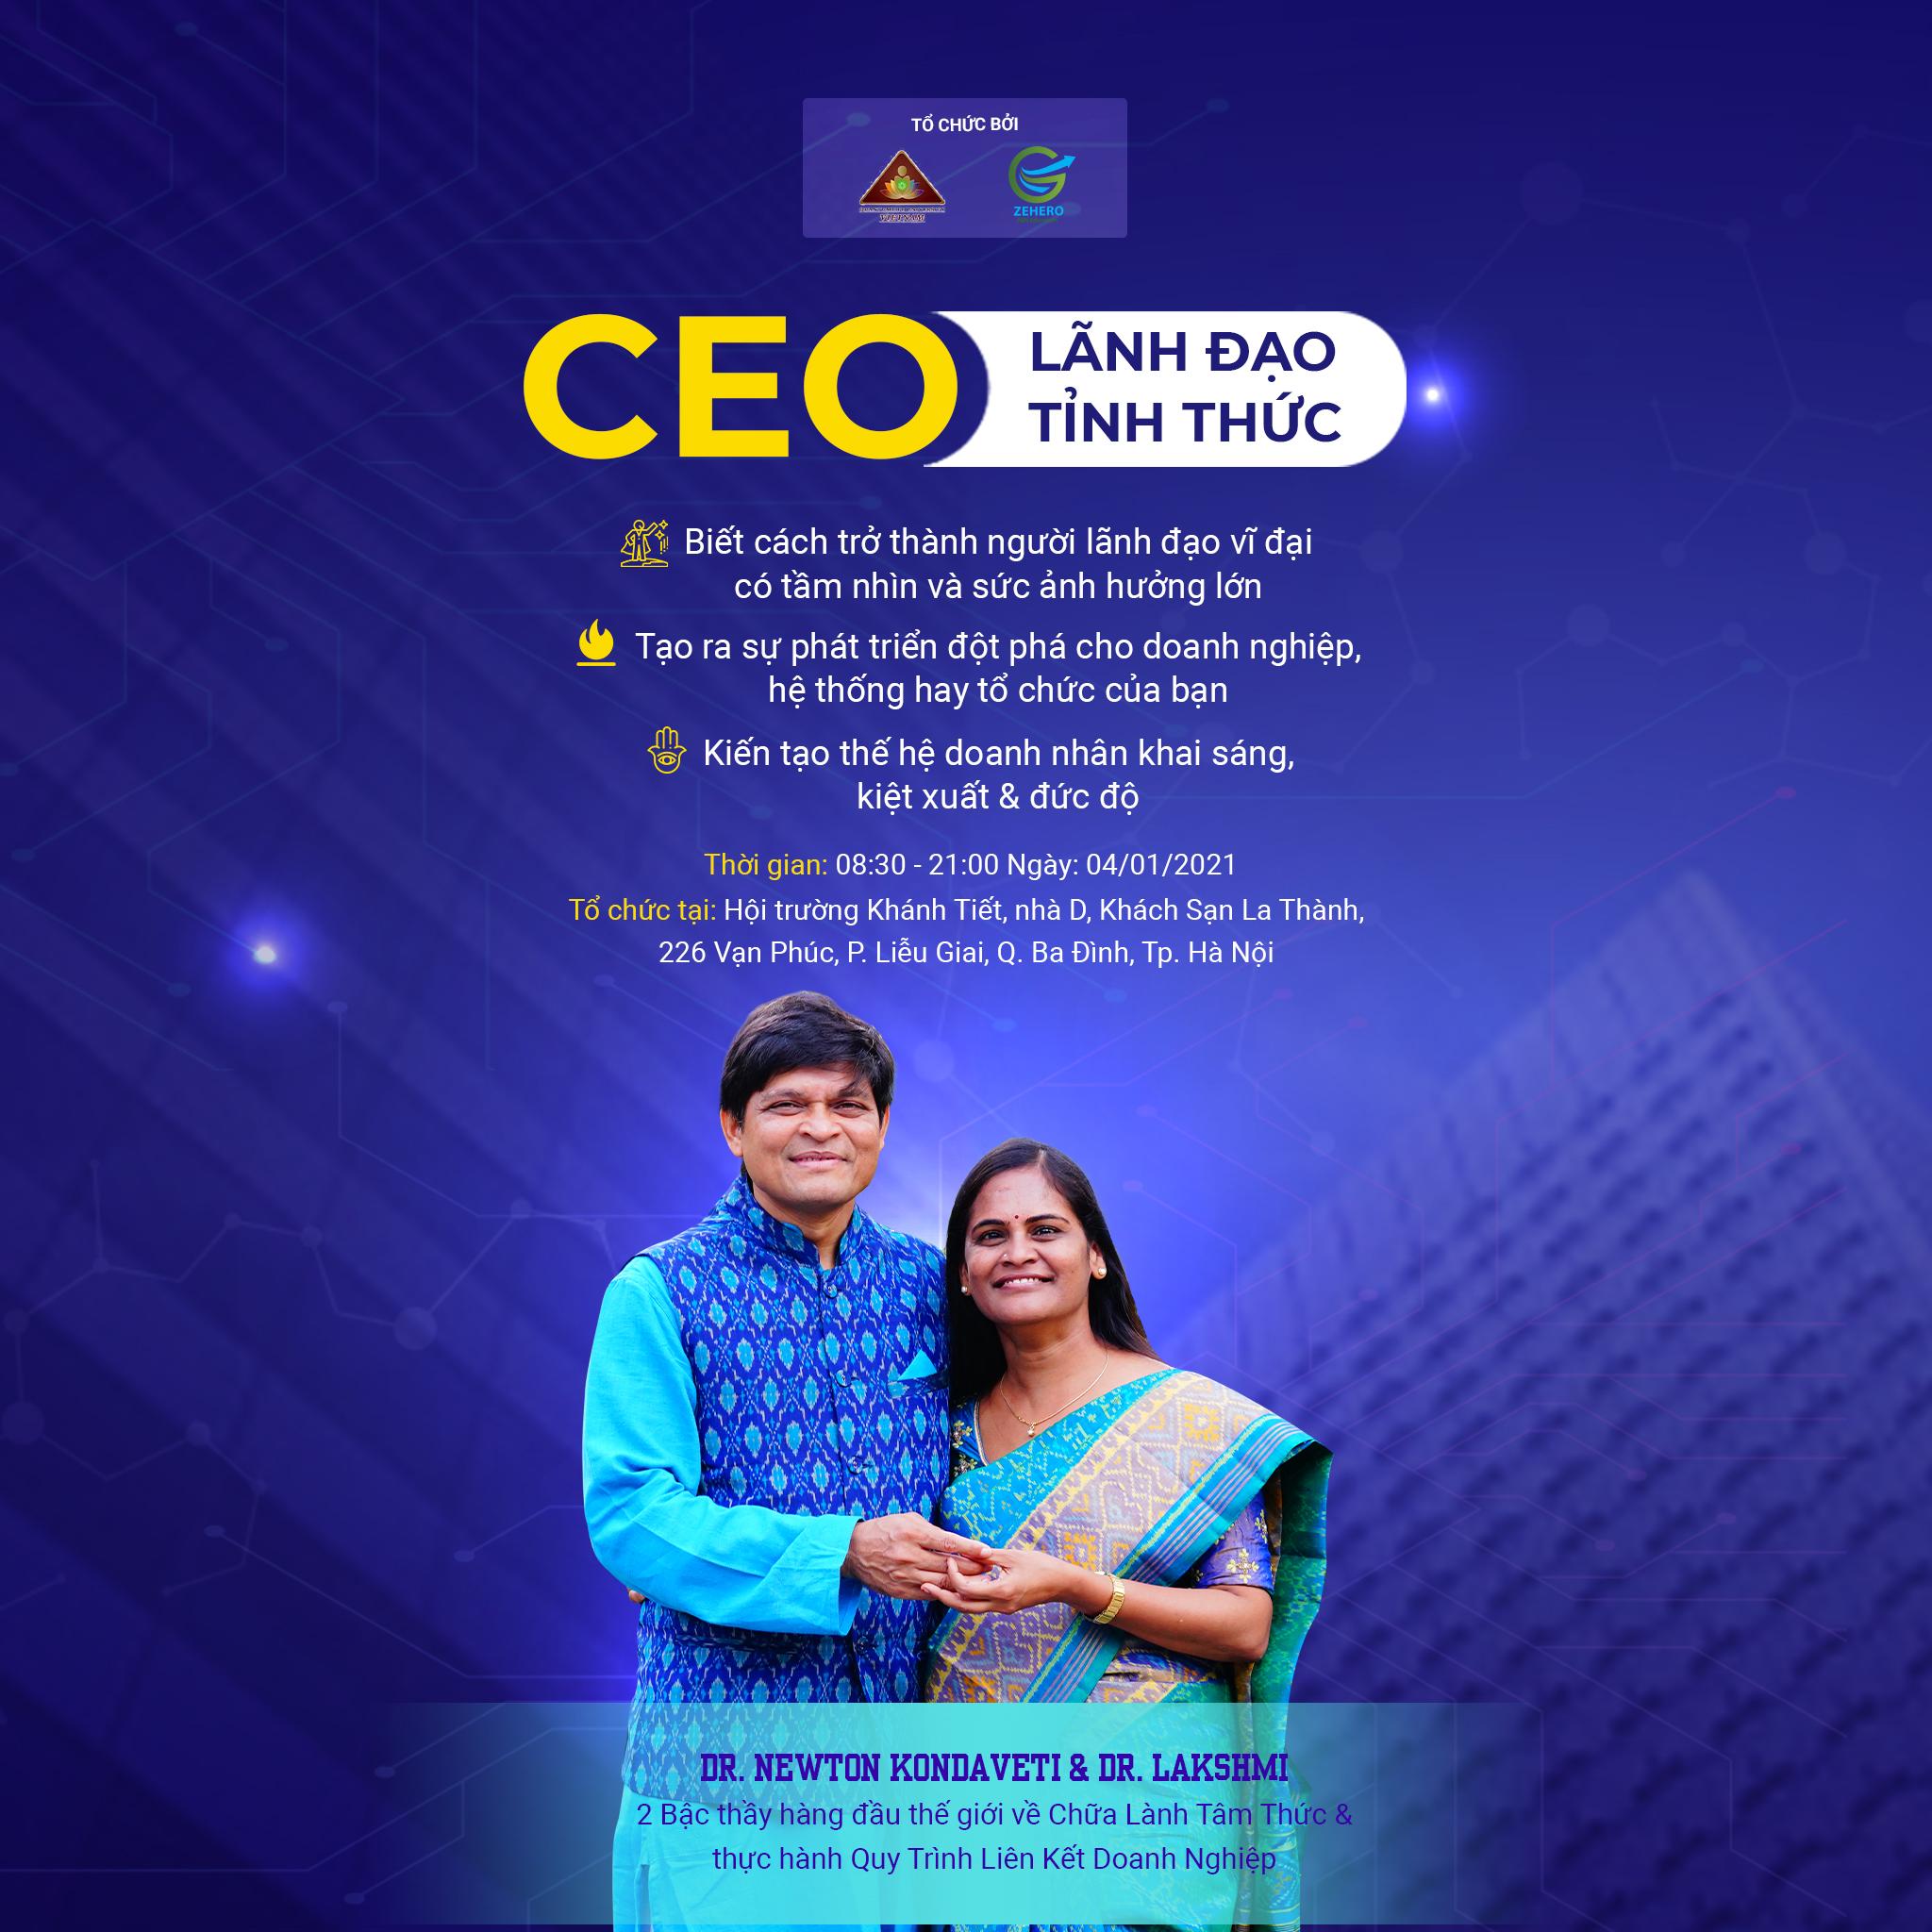 FbAds_CEO-Lanh-Dao-Tinh-Thuc